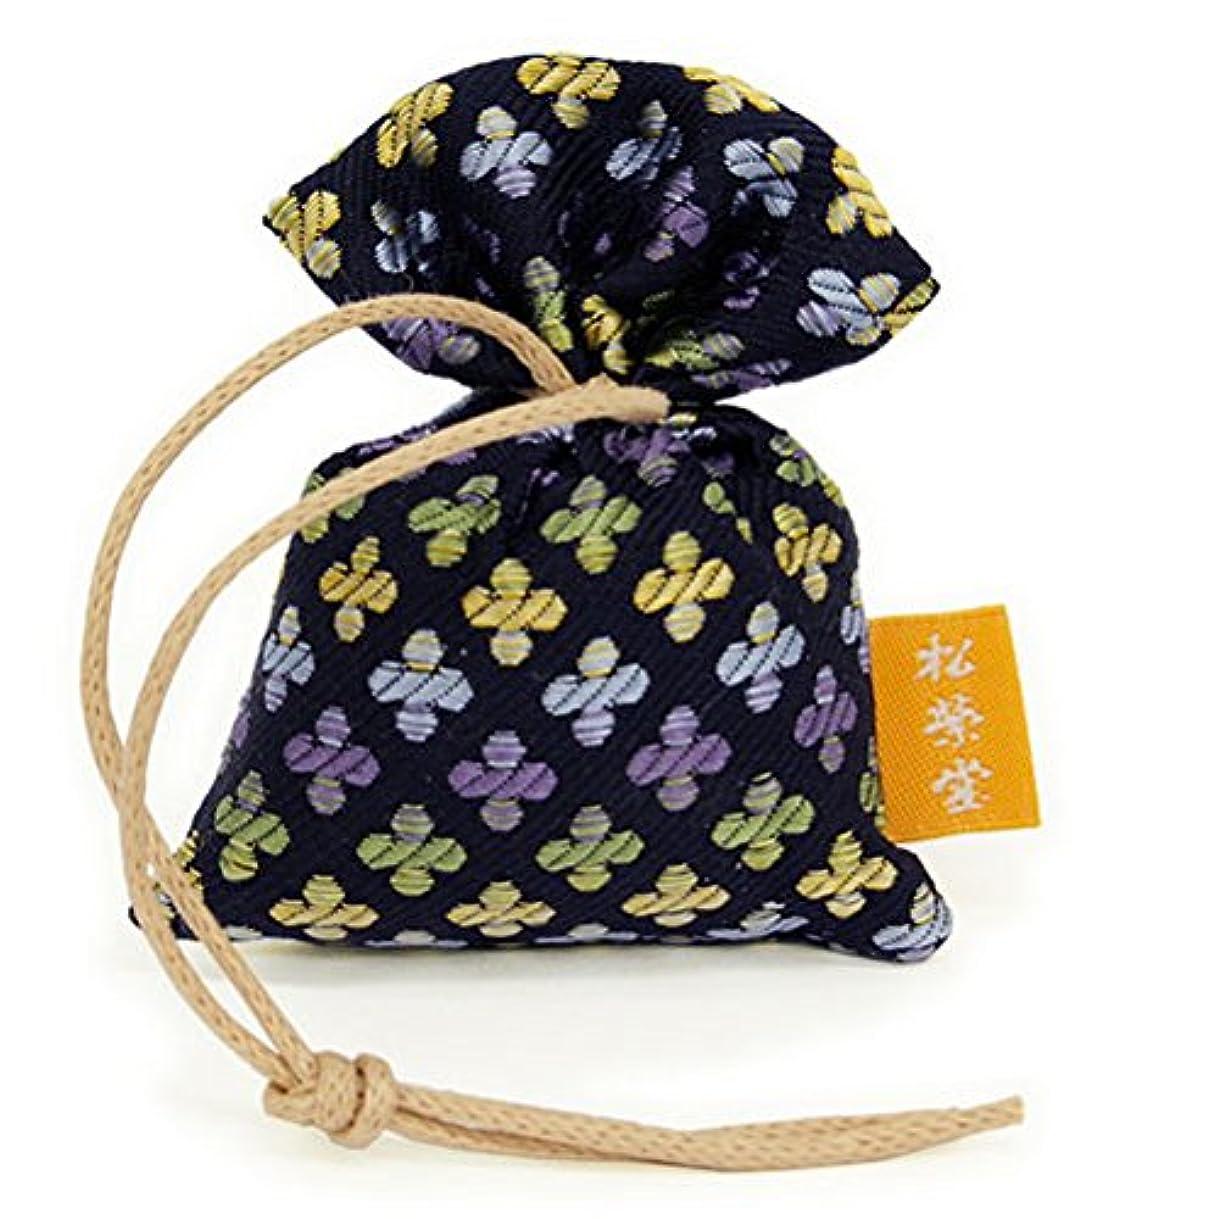 資料予知イブニング匂い袋 誰が袖 薫 かおる 1個入 松栄堂 Shoyeido 本体長さ60mm (色?柄は選べません)